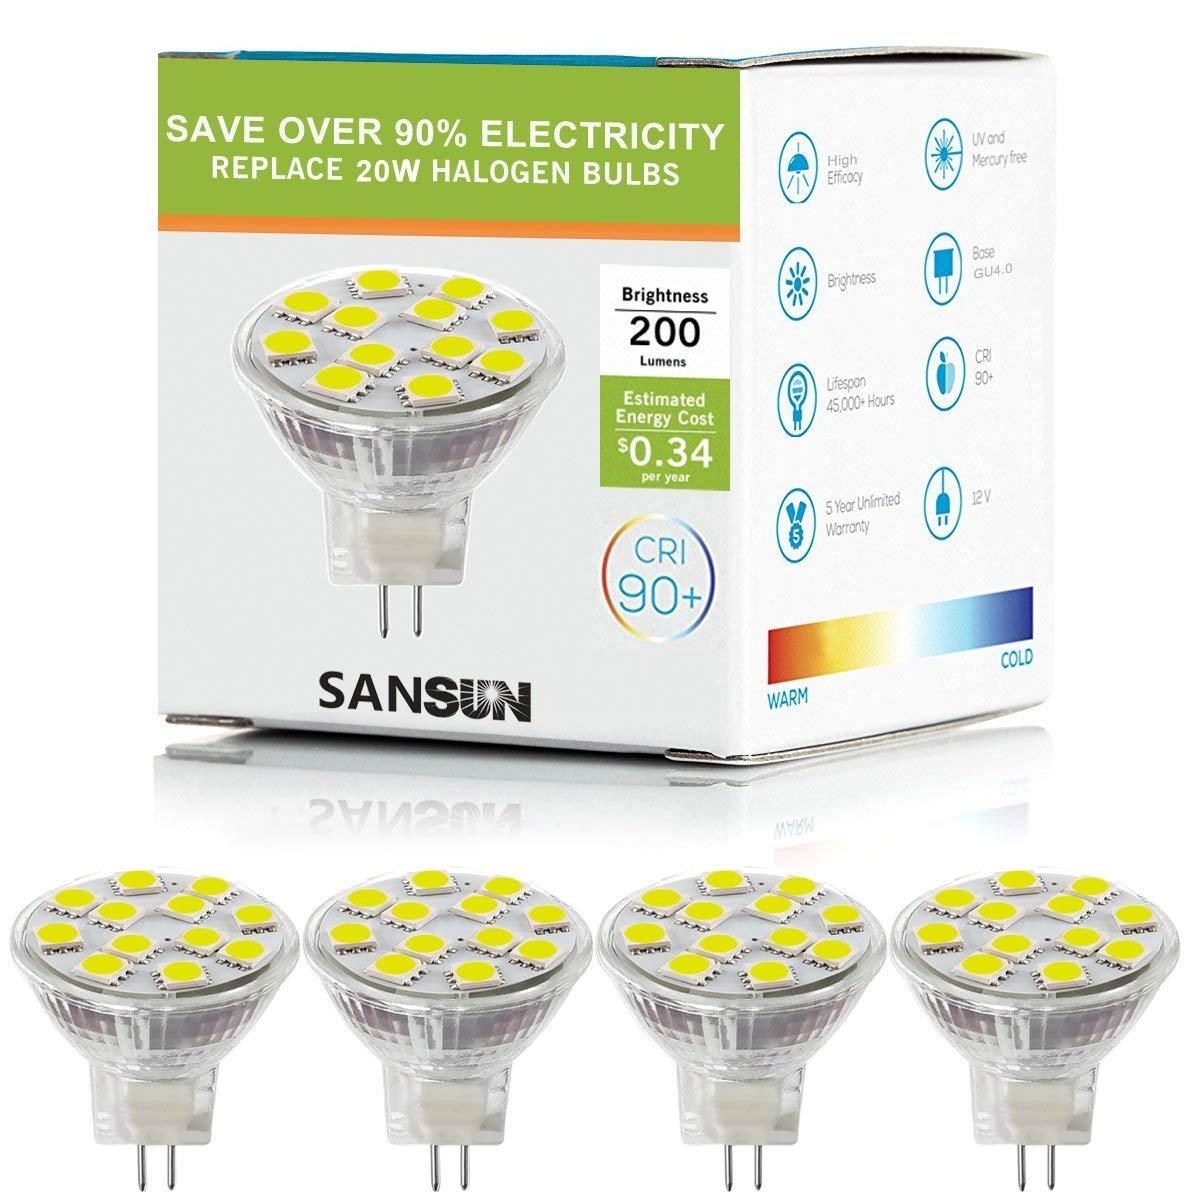 2W LED MR11 Light Bulbs, 12v 20w Halogen Replacement, GU4 Bi-Pin Base, Soft White 3000K, (Pack Of 4) SANSUN SL12D50503KK